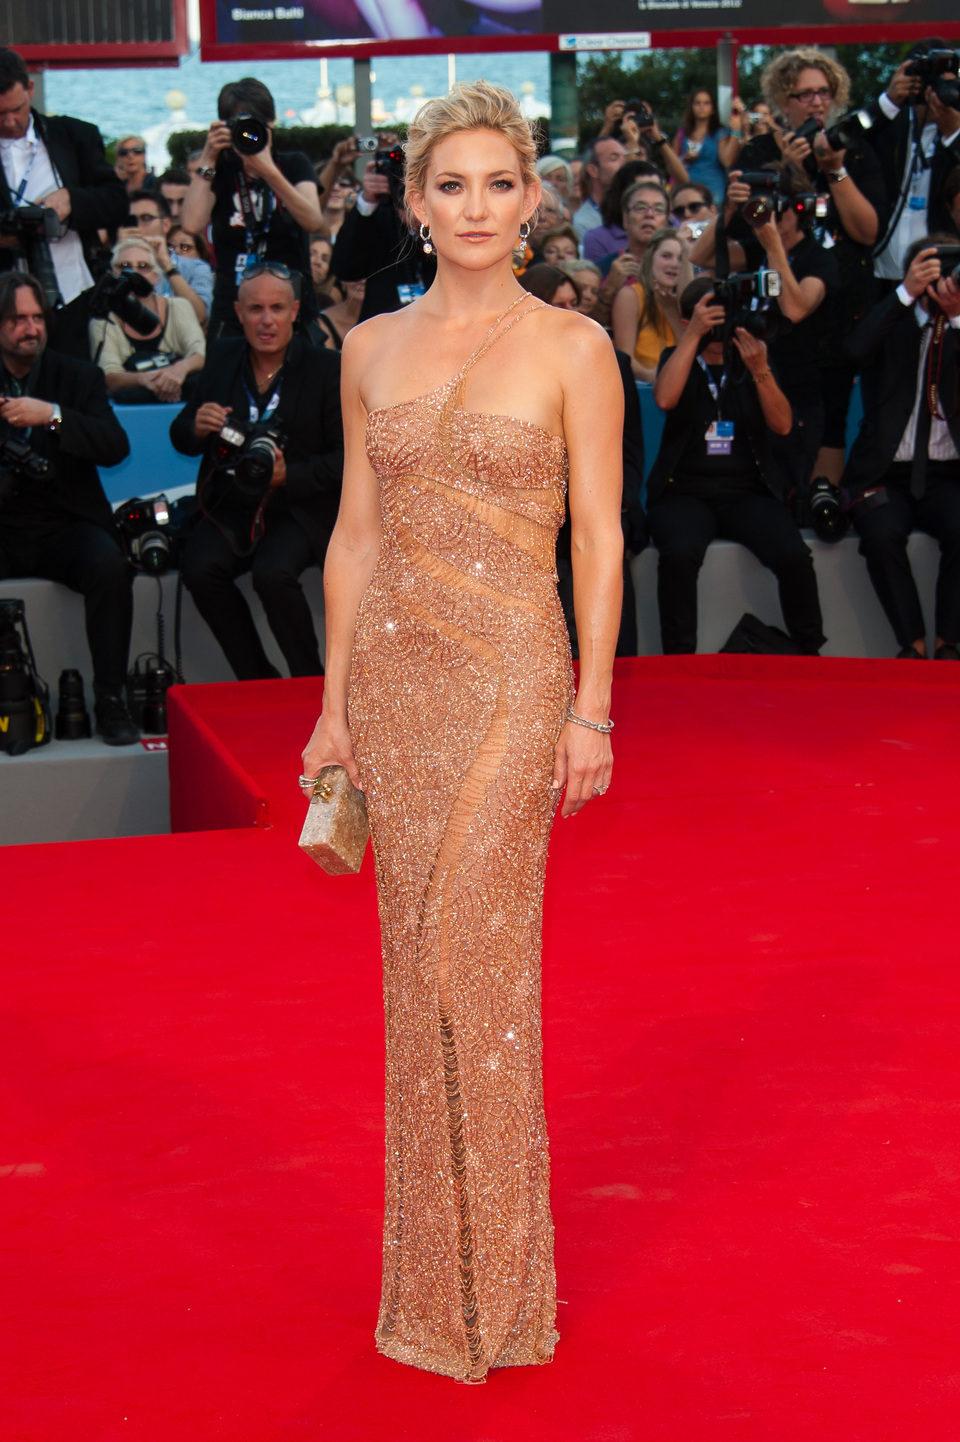 Kate Hudson en la Mostra de Venecia 2012